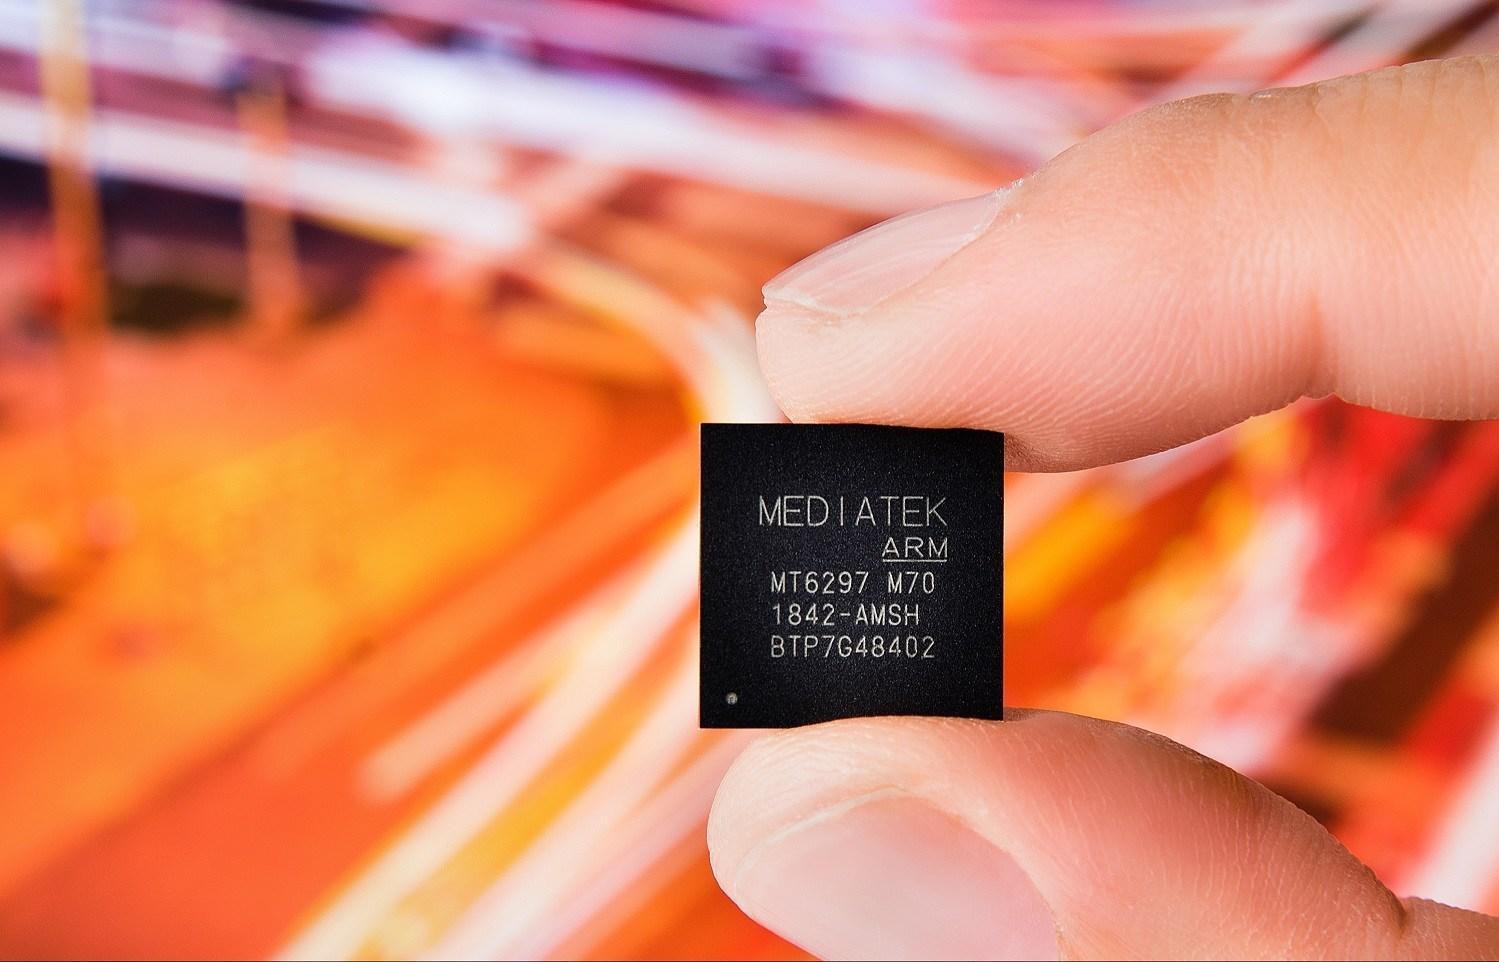 聯發科5G芯片領跑,已通過5G獨立組網連網通話測試